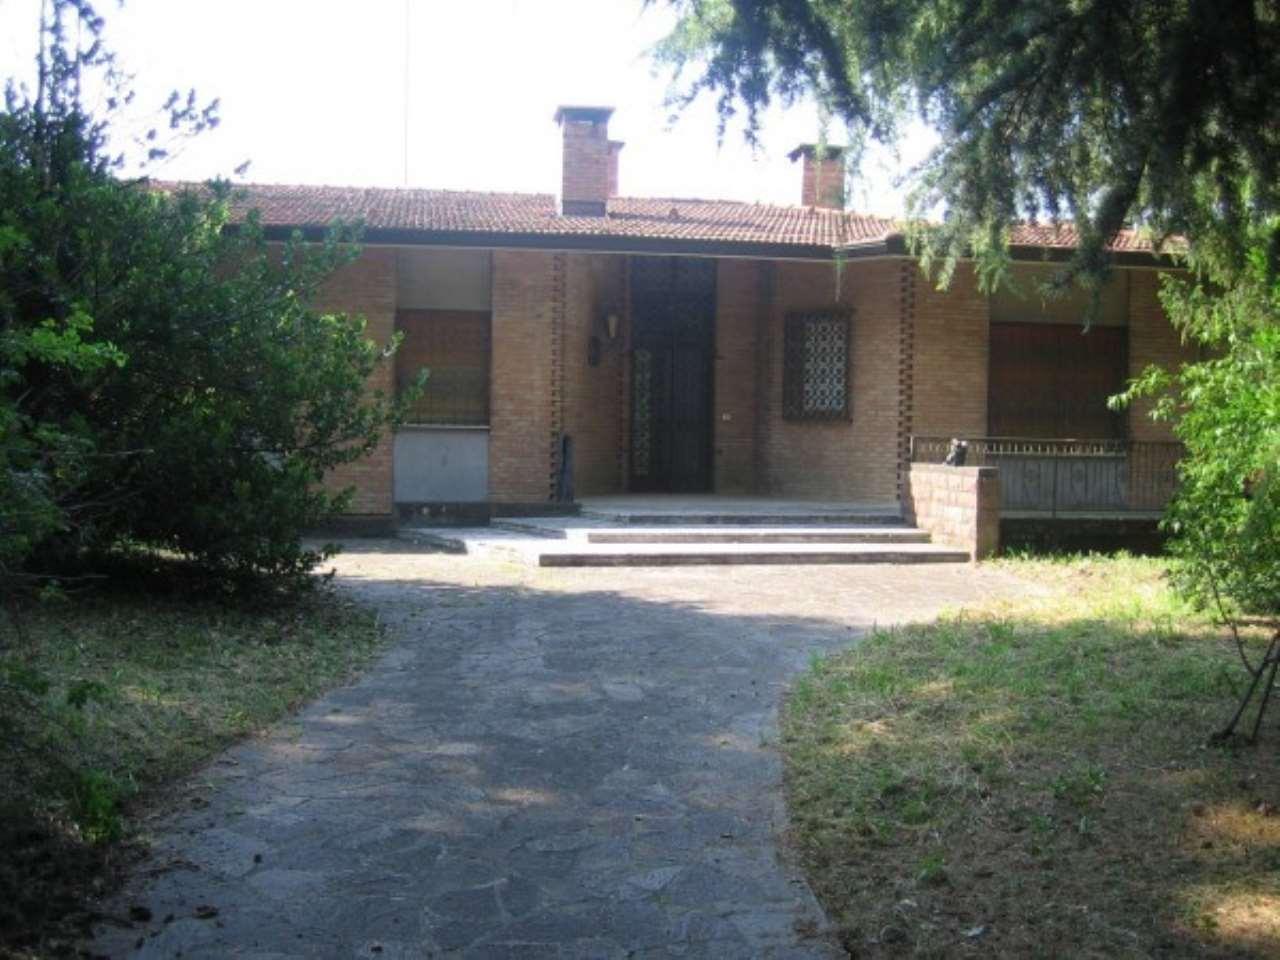 Villa in vendita a San Fior, 9999 locali, Trattative riservate | Cambio Casa.it